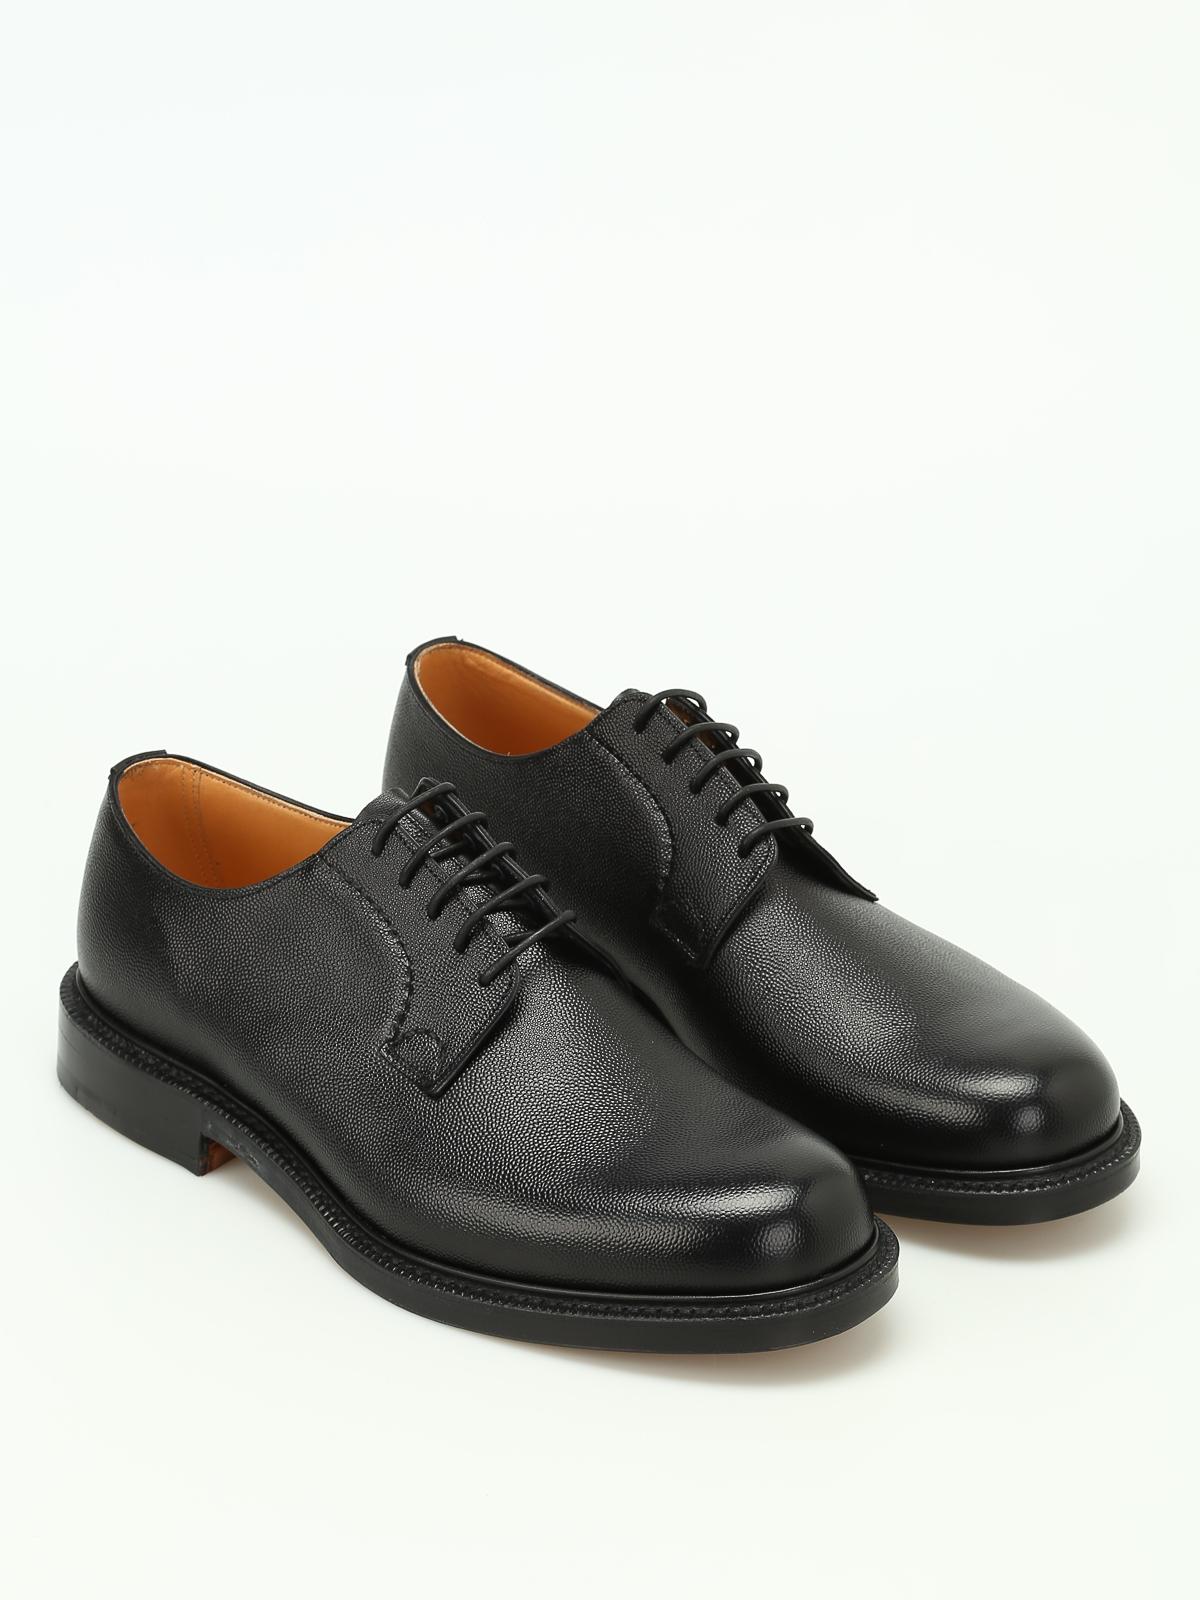 ce17658da046d Shannon black Derby shoes shop online: CHURCH. CHURCH. CHURCH. CHURCH